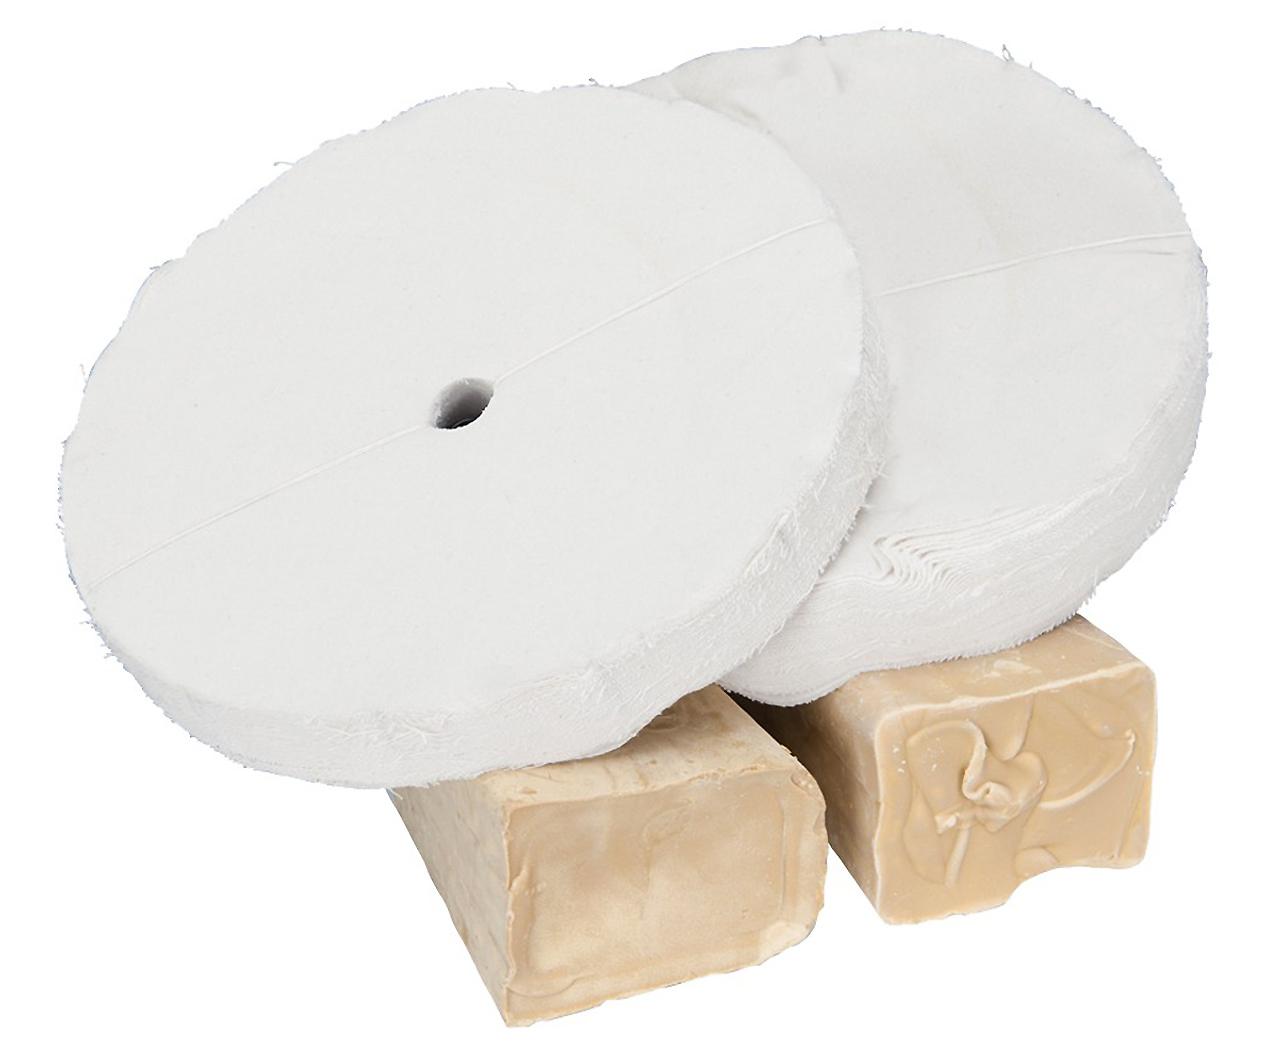 Zestaw polerski do drewna Ø 200 x 20 mm, Ø 16 mm, 4-szt. BERNARDO